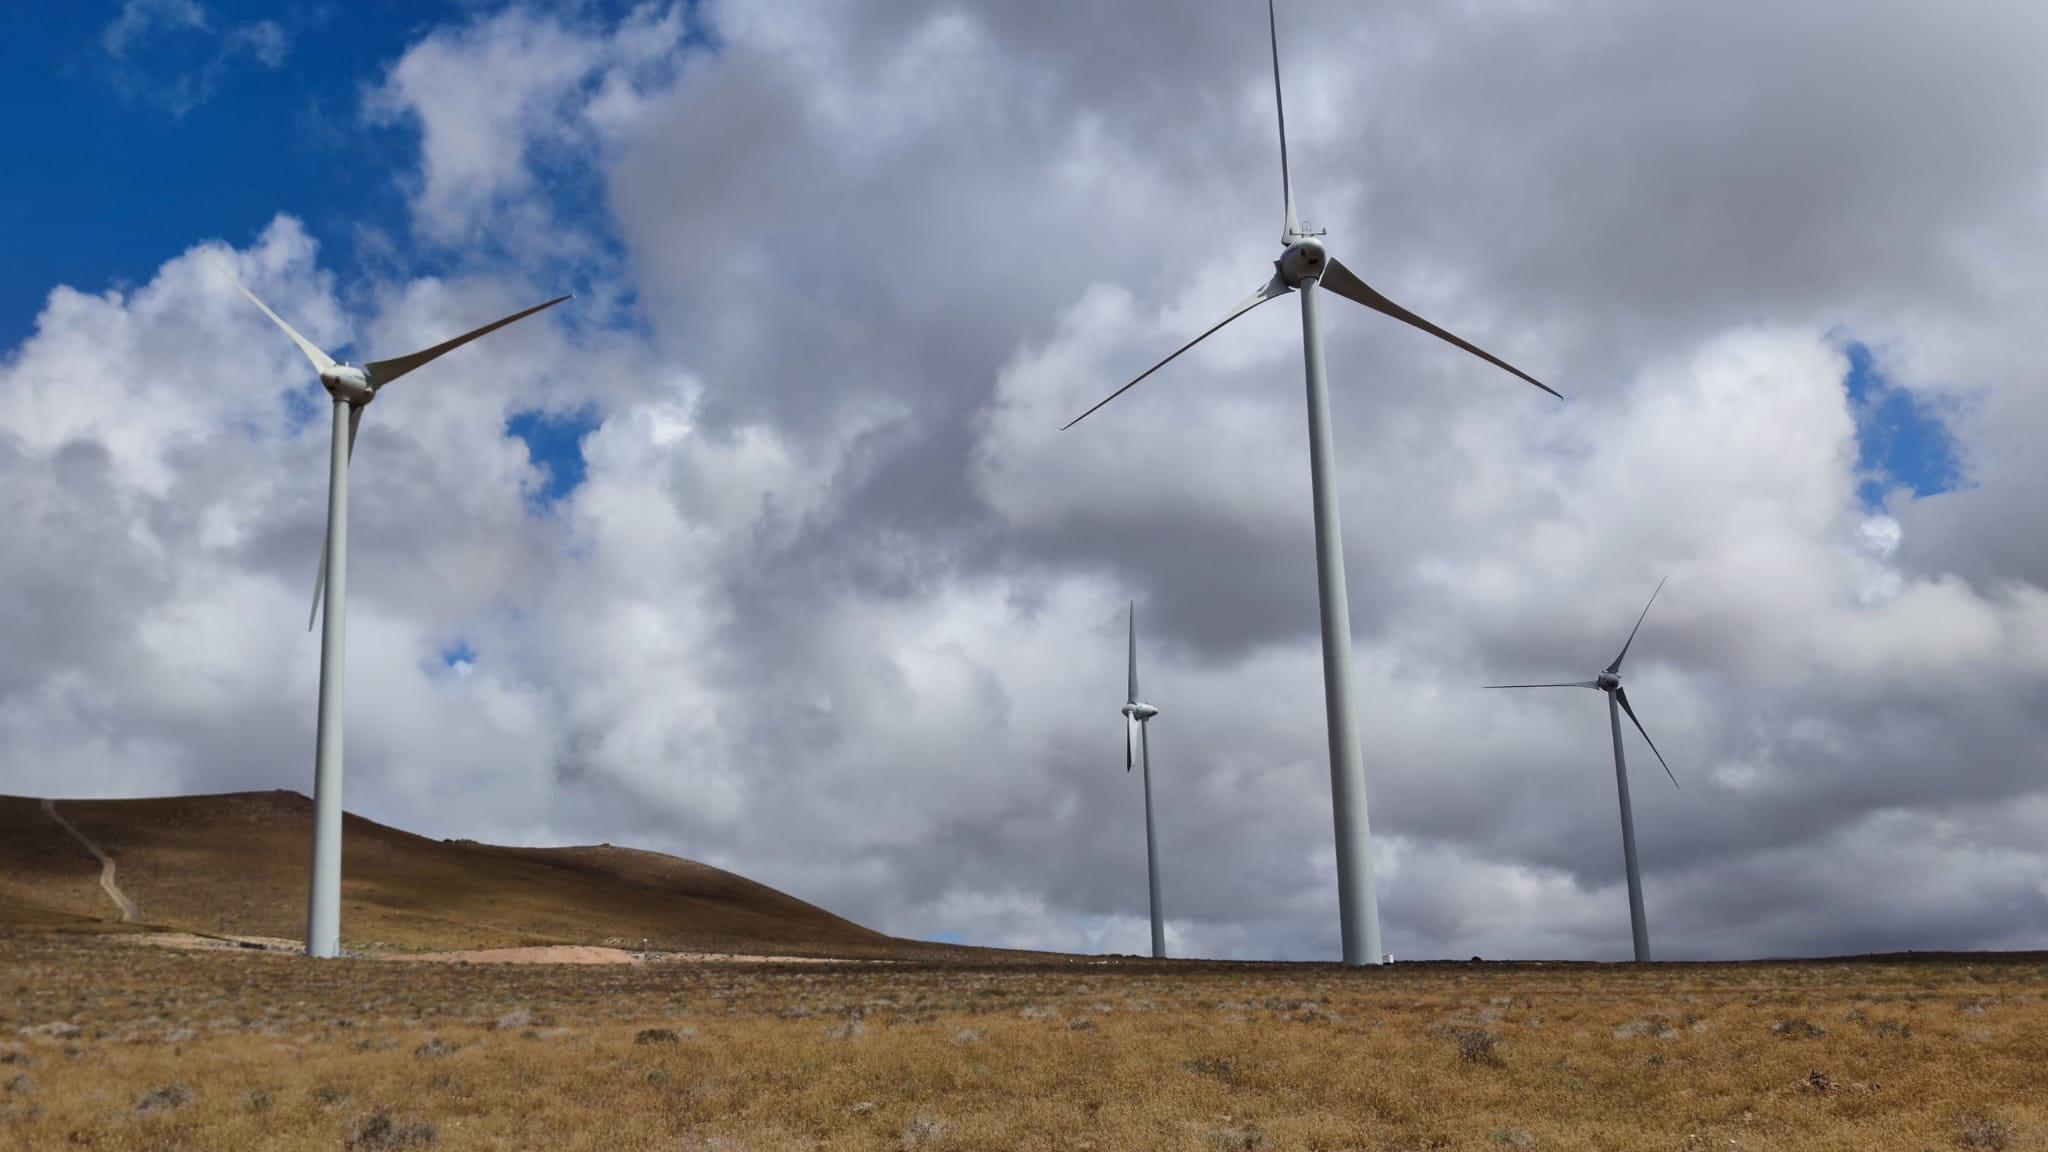 Los cuatro aerogeneradores del Parque Eólico Arrecife comienzan a producir energía